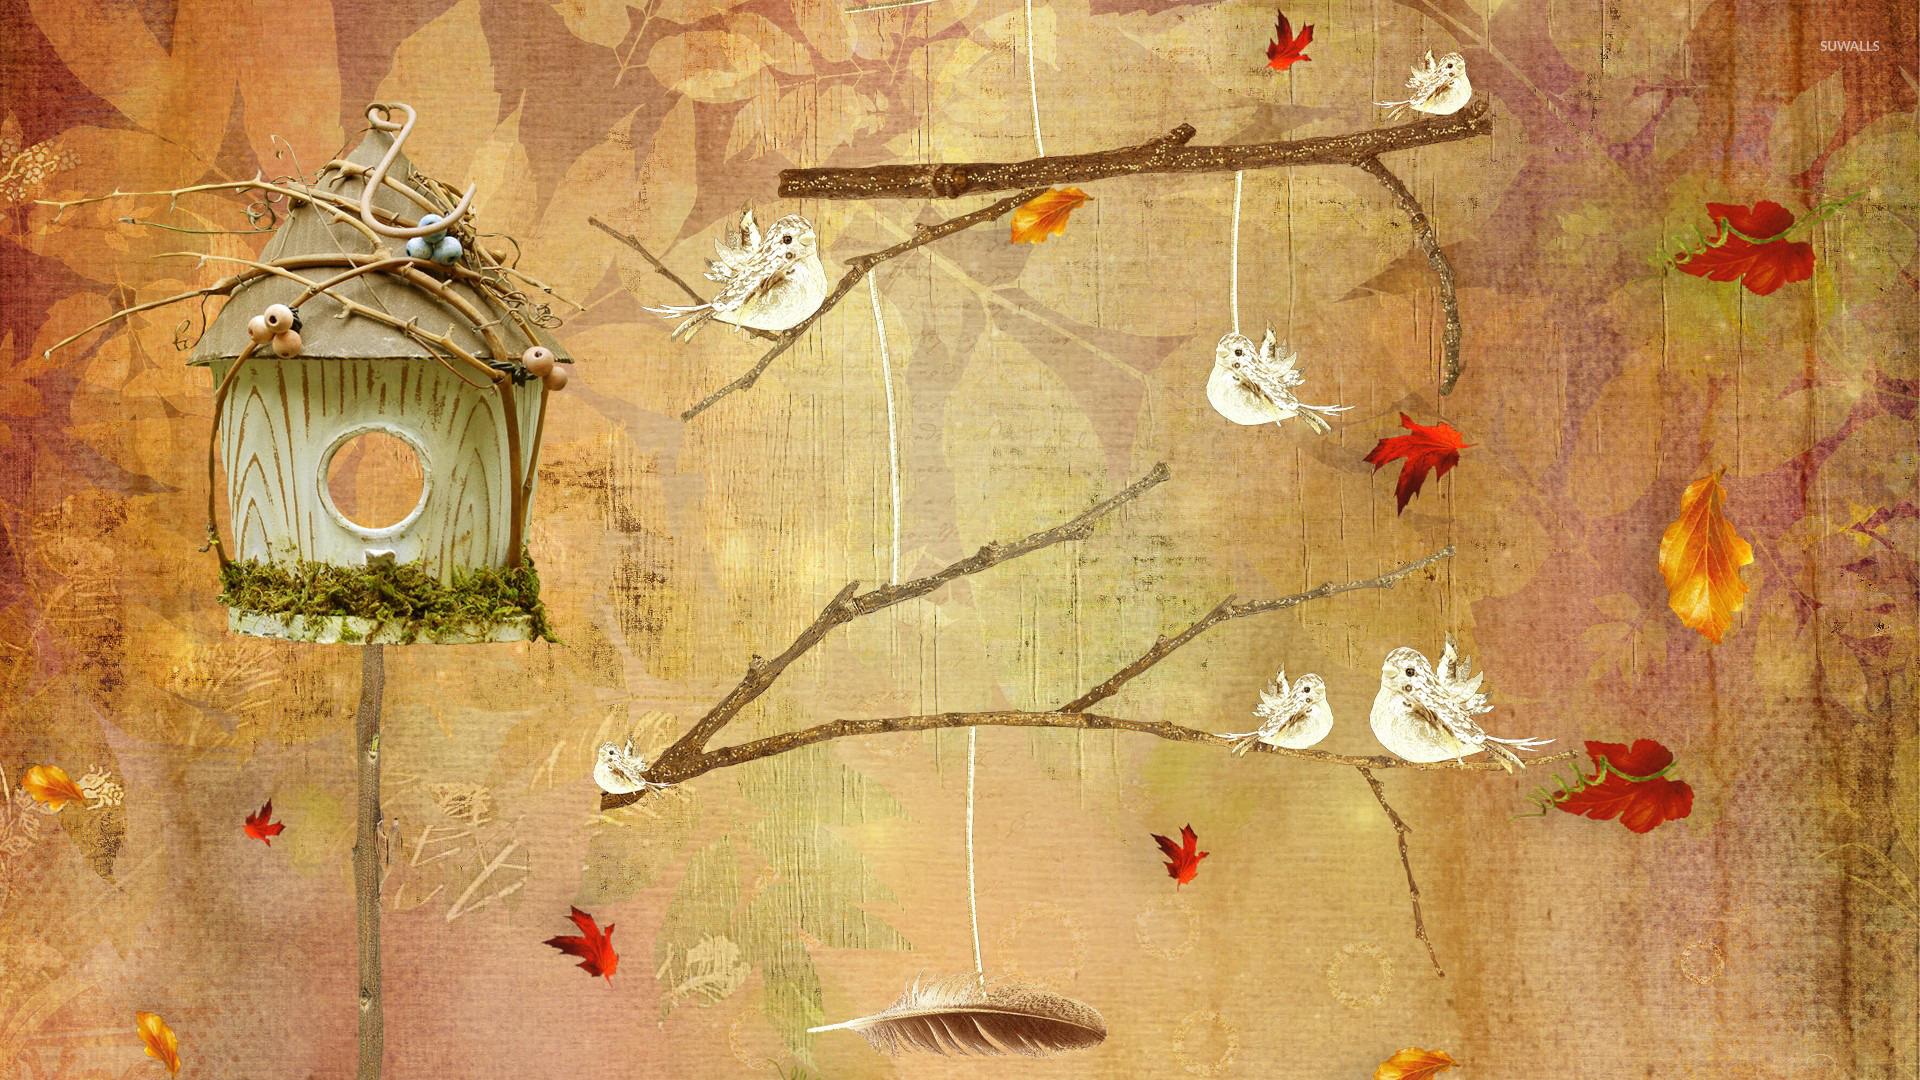 Bird house wallpaper - Artistic wallpapers - #25985